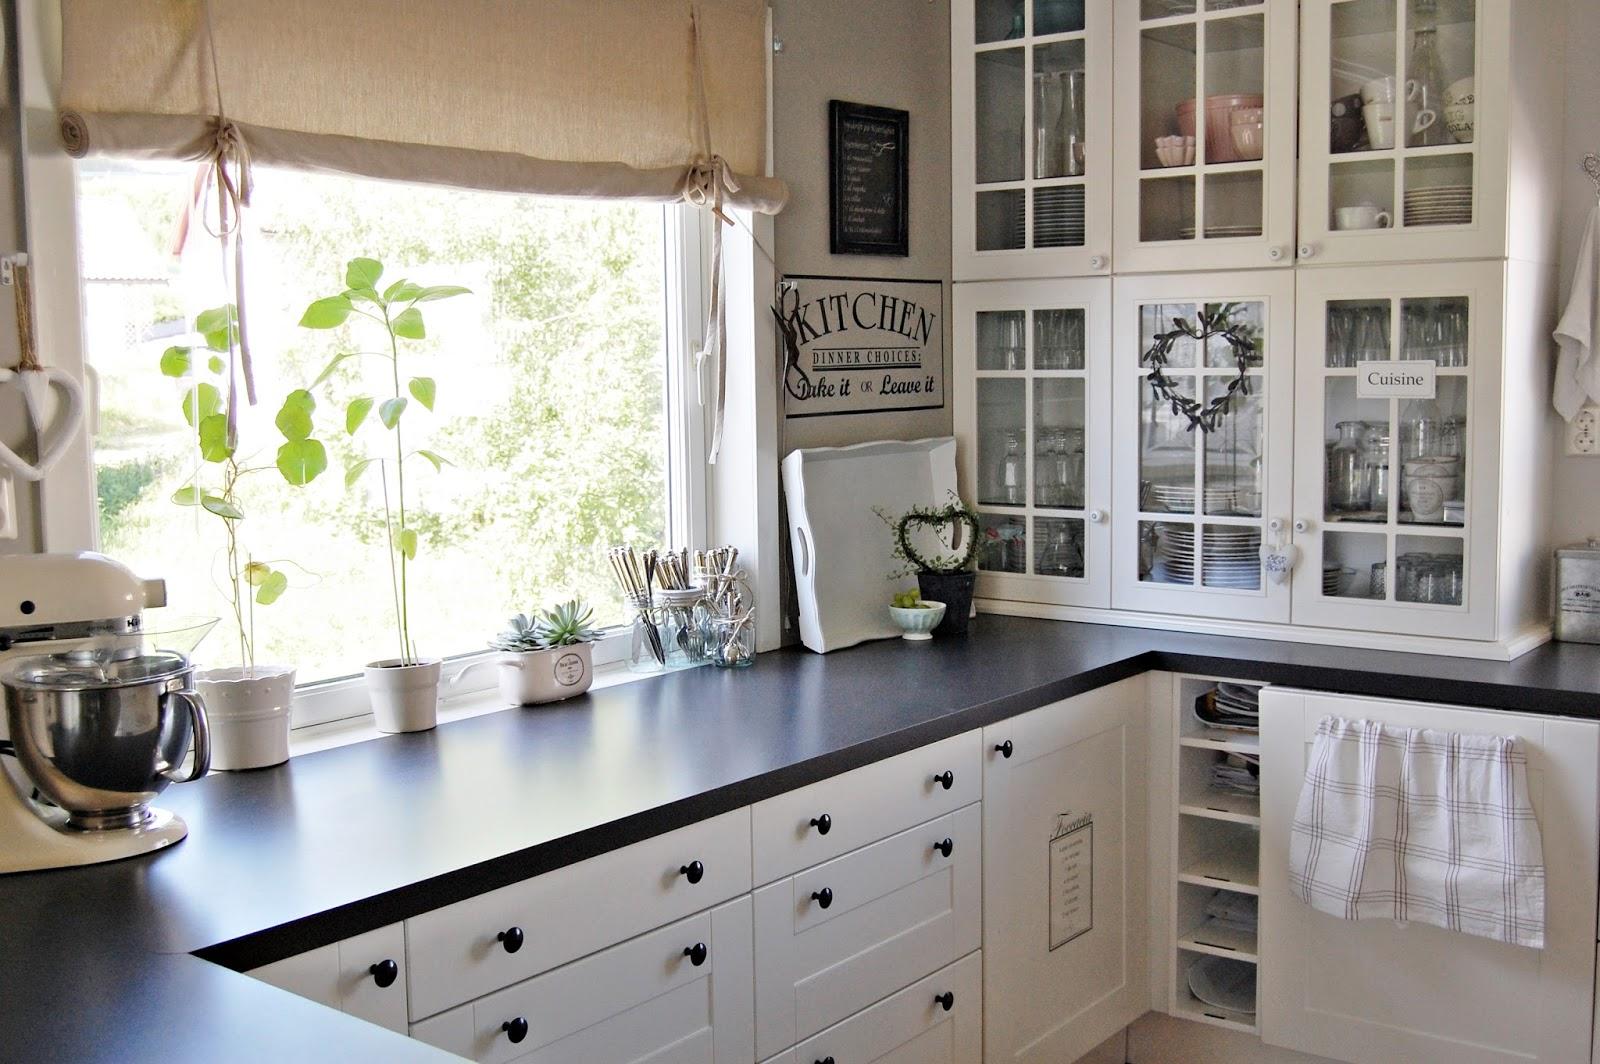 Bilder av ikea kjøkken – astric